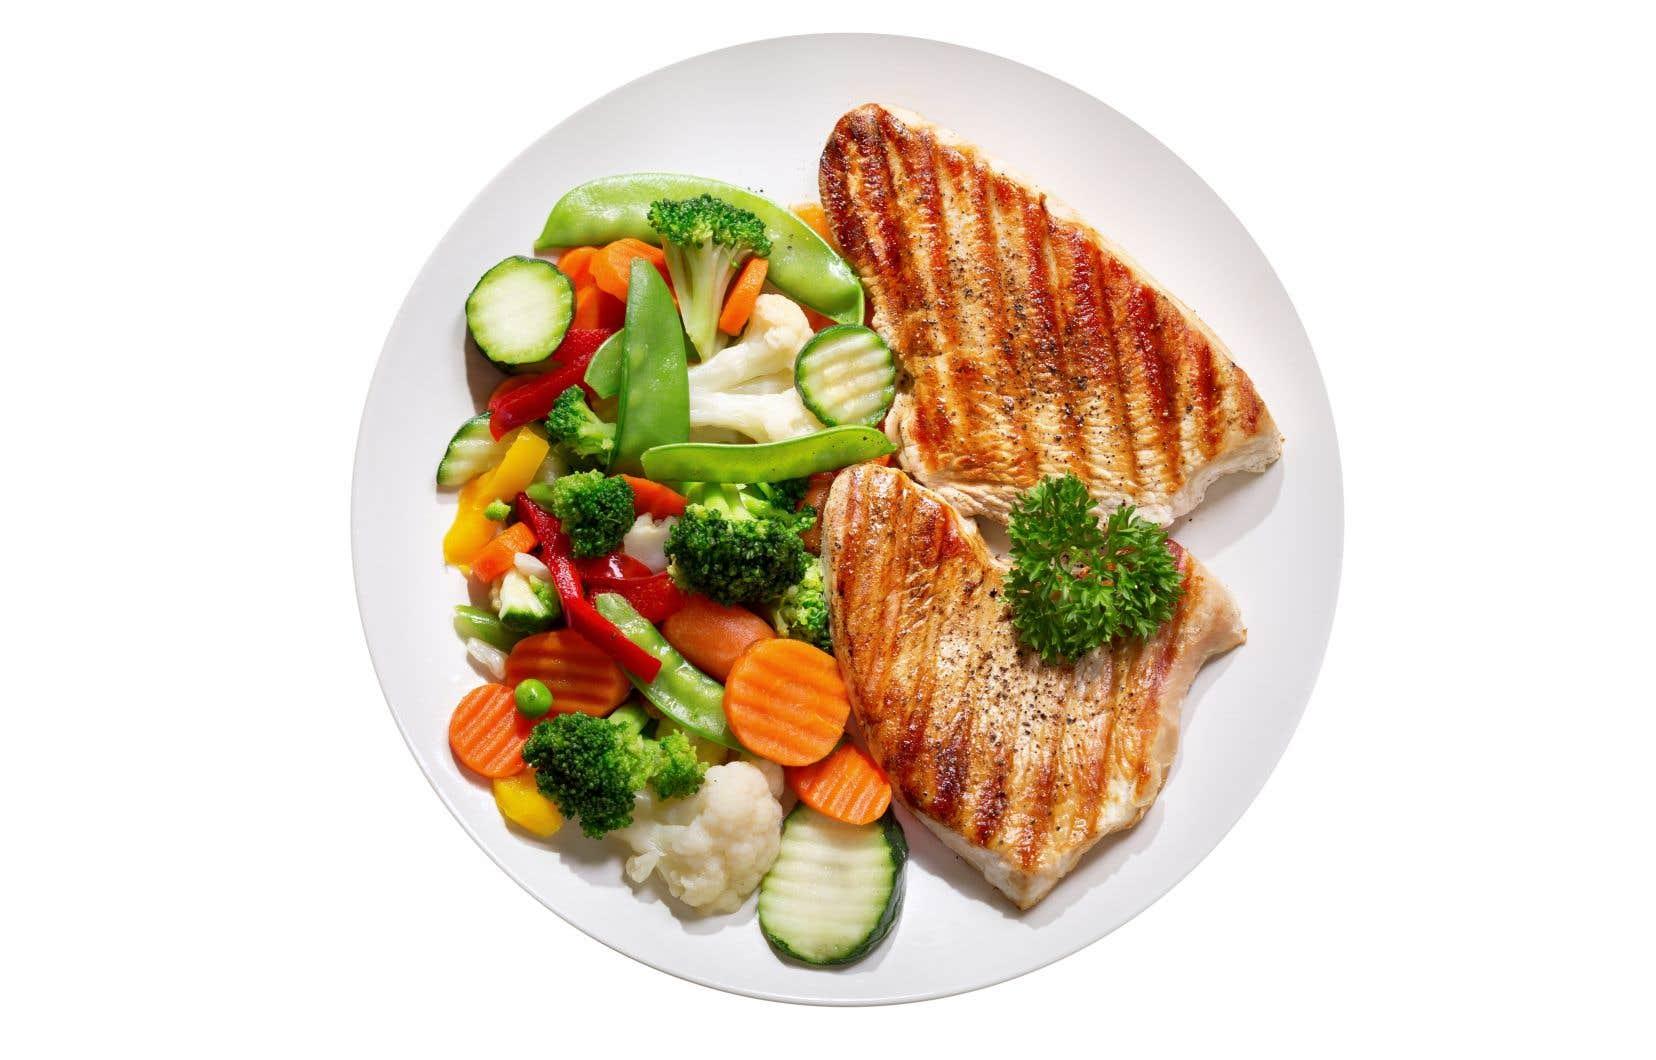 Carottes, laitues, choux, brocolis, tomates, poivrons… le Québec produit plus de 65 variétés de légumes!